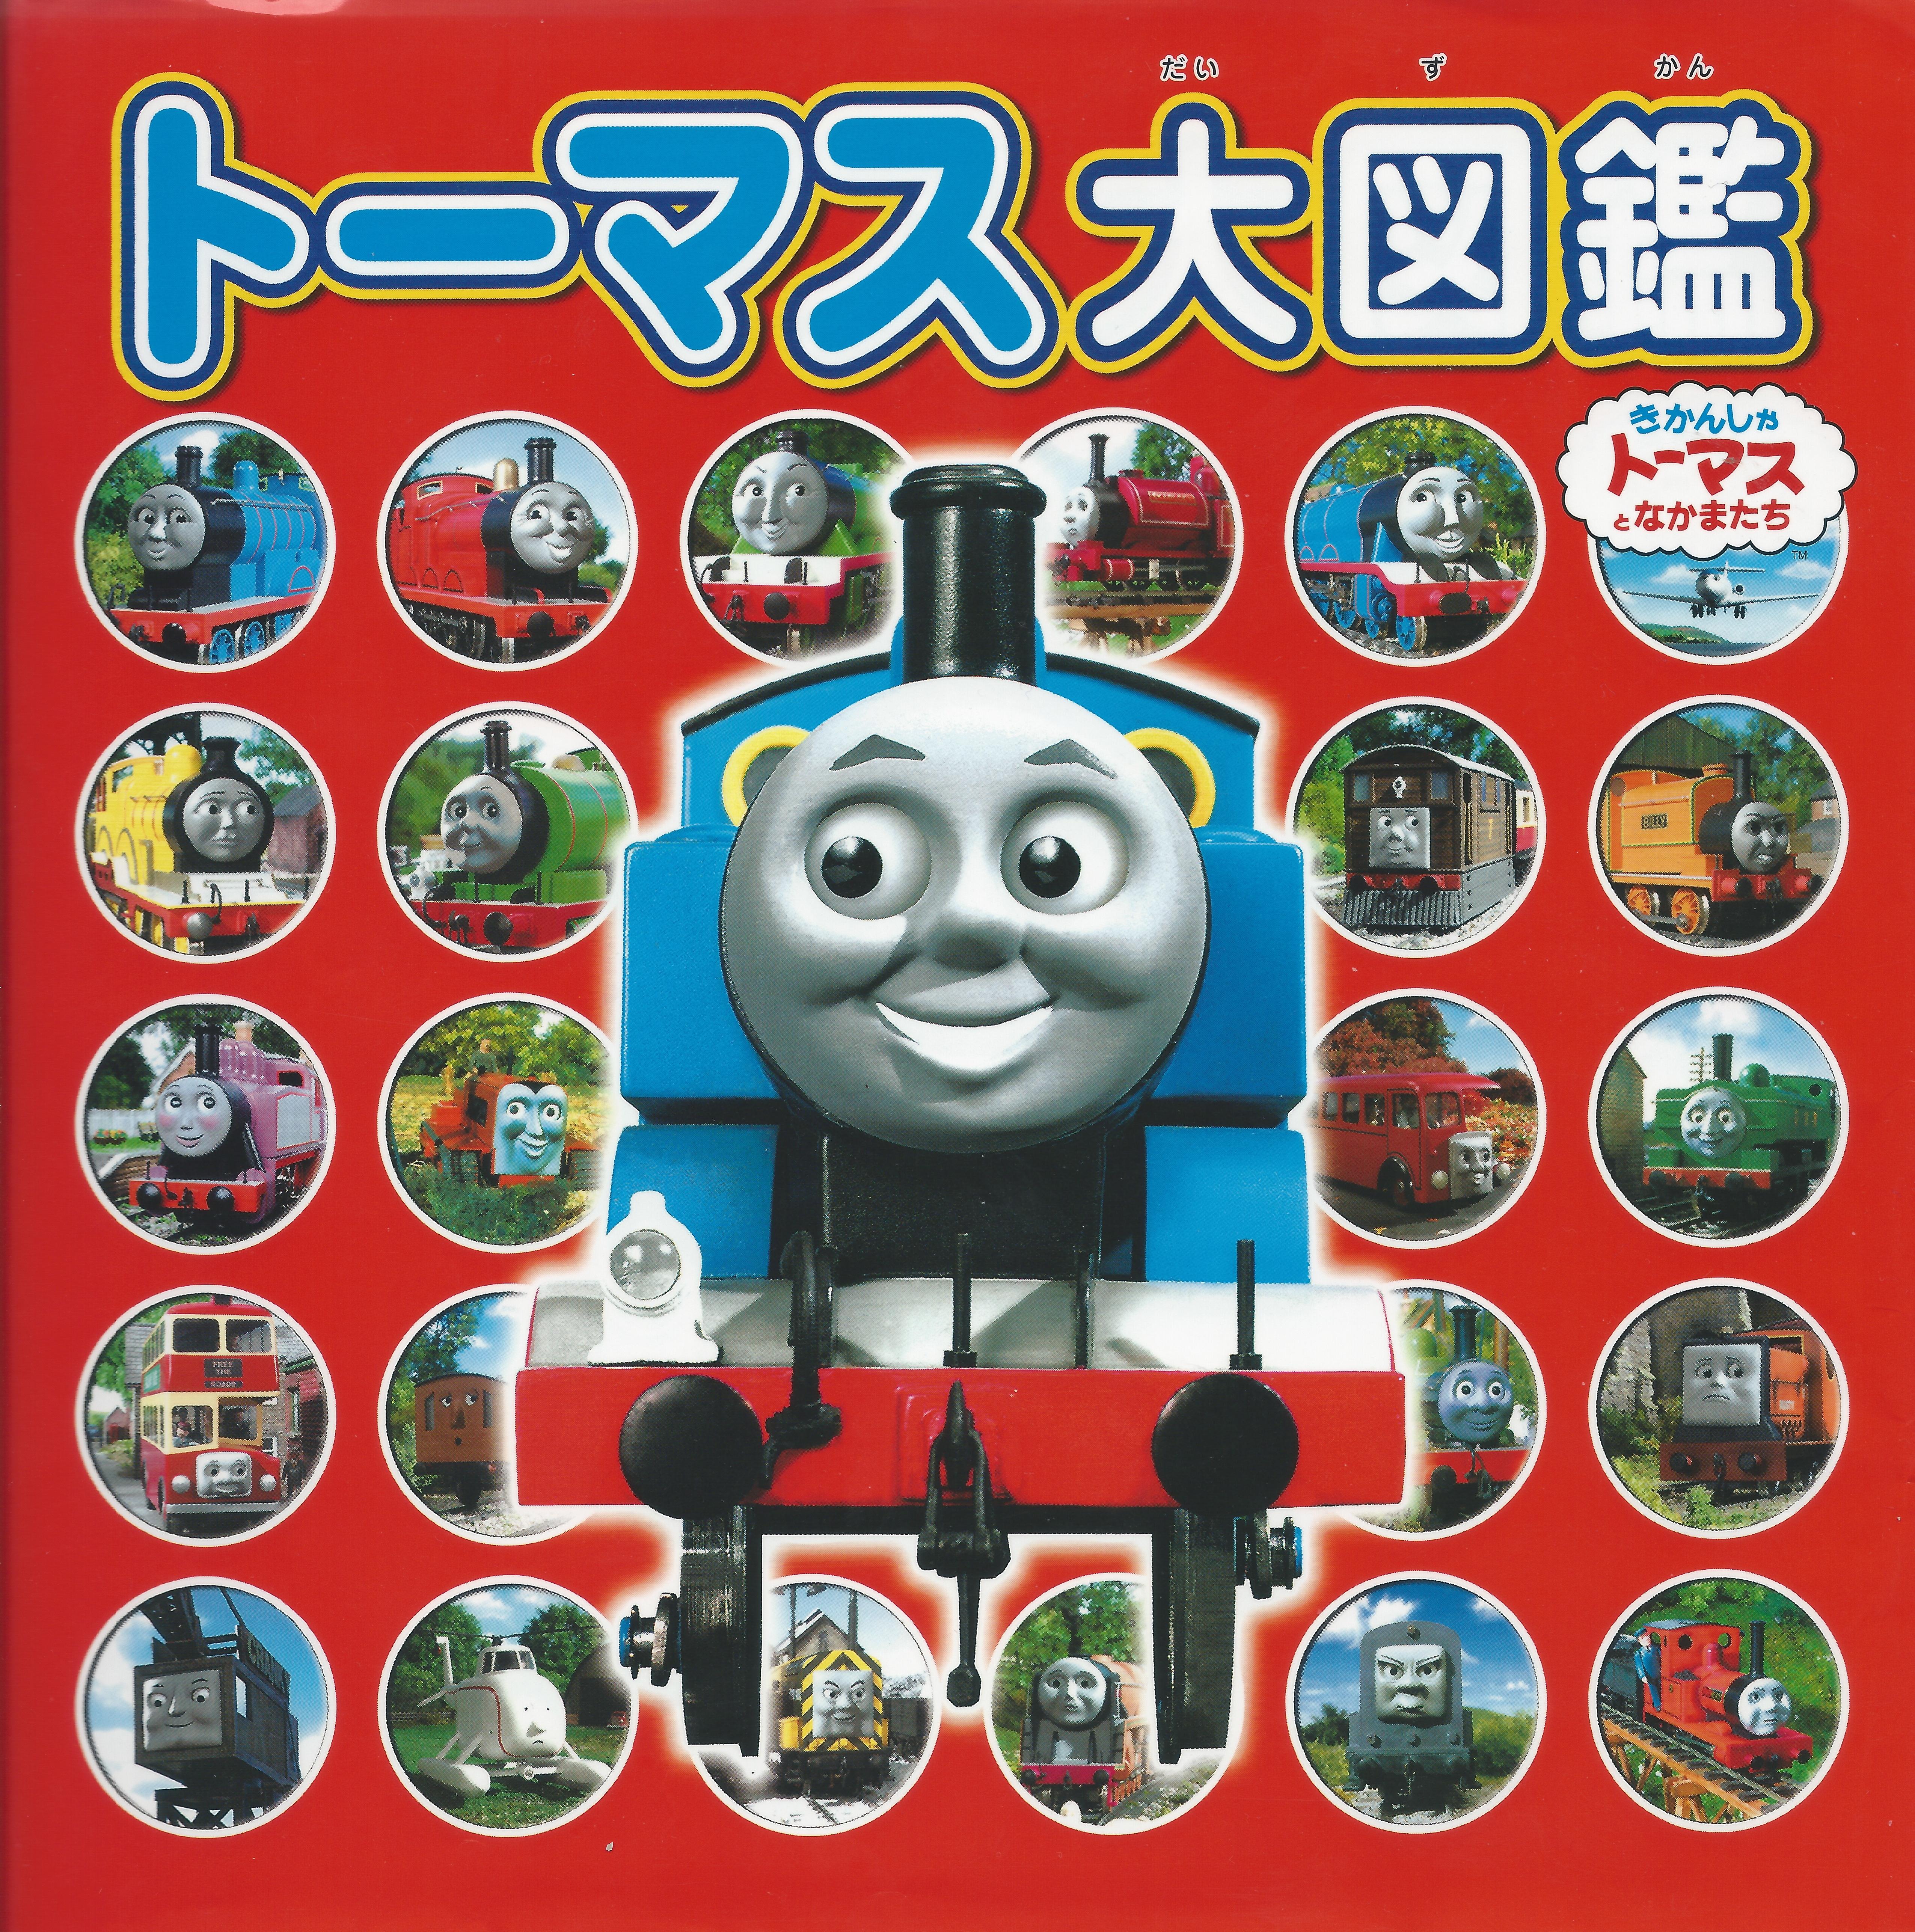 File:JapaneseThomasEncyclopedia2010.jpg